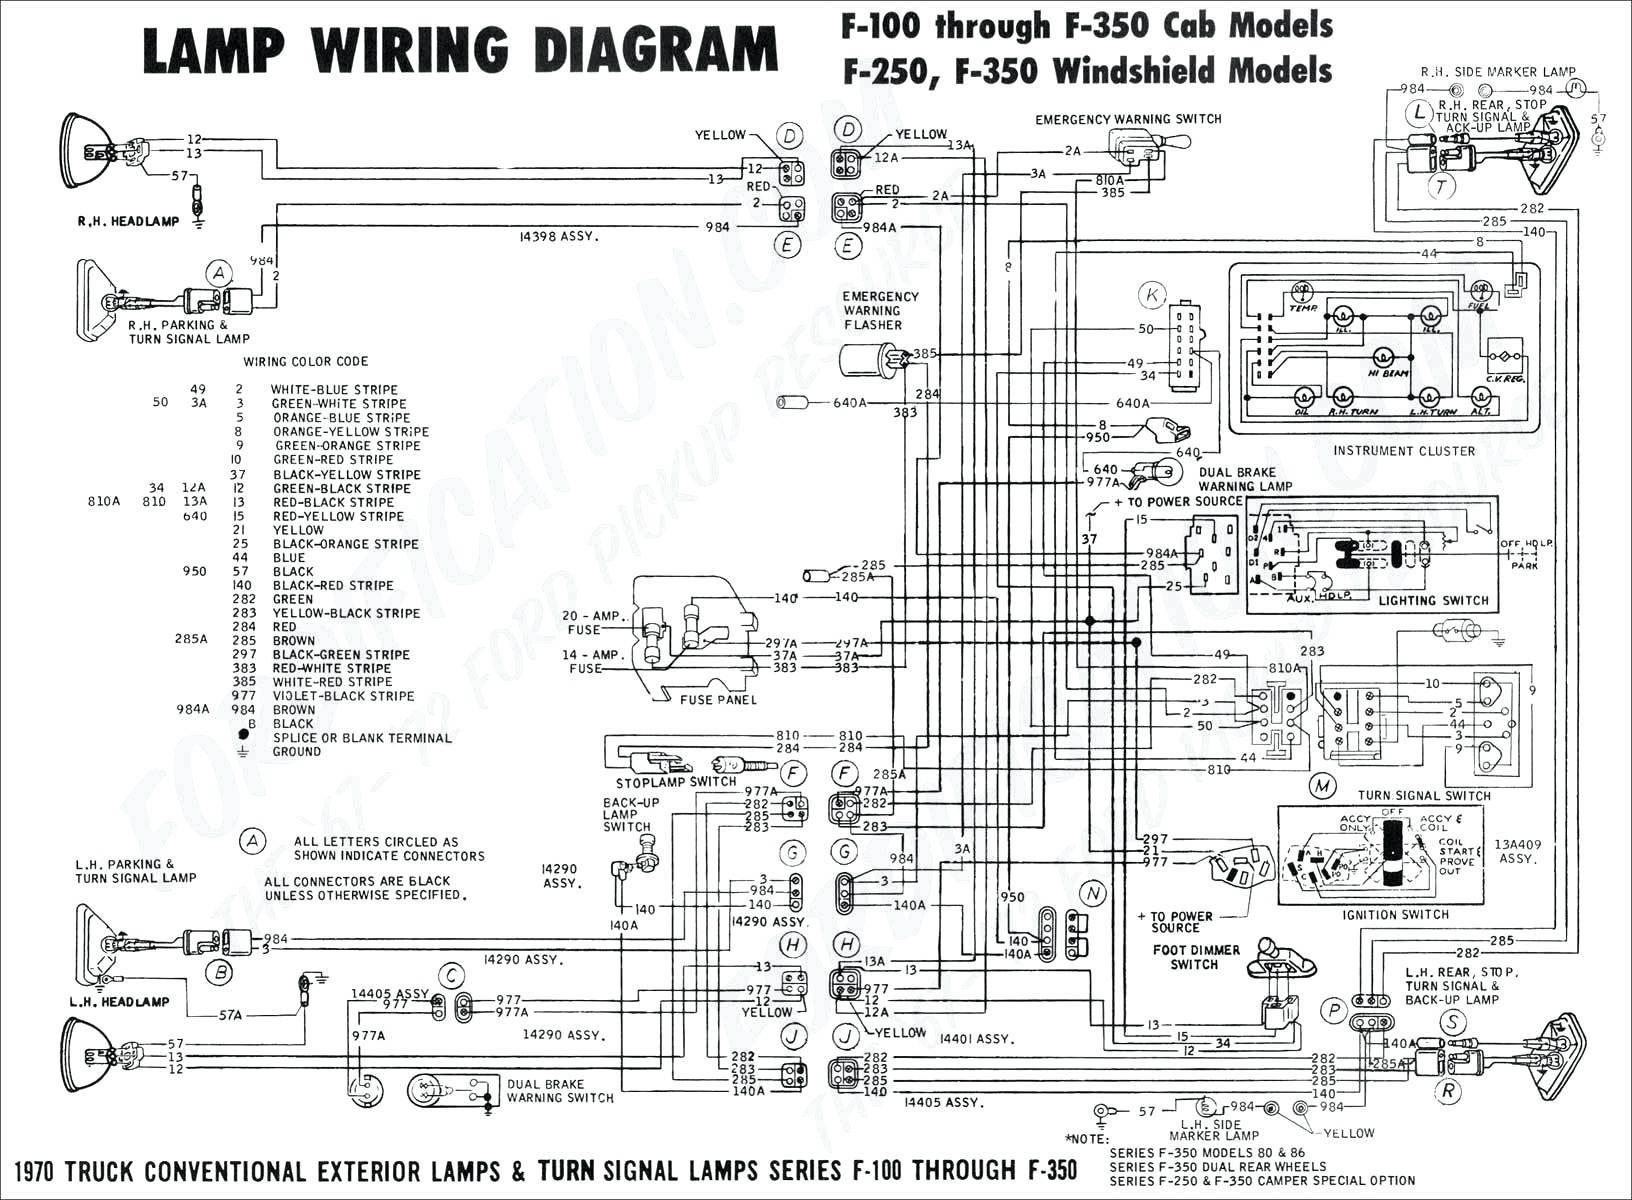 Dodge Durango Engine Diagram Diagram In Addition 2000 Dodge Dakota Engine Diagram Along with 7 Of Dodge Durango Engine Diagram